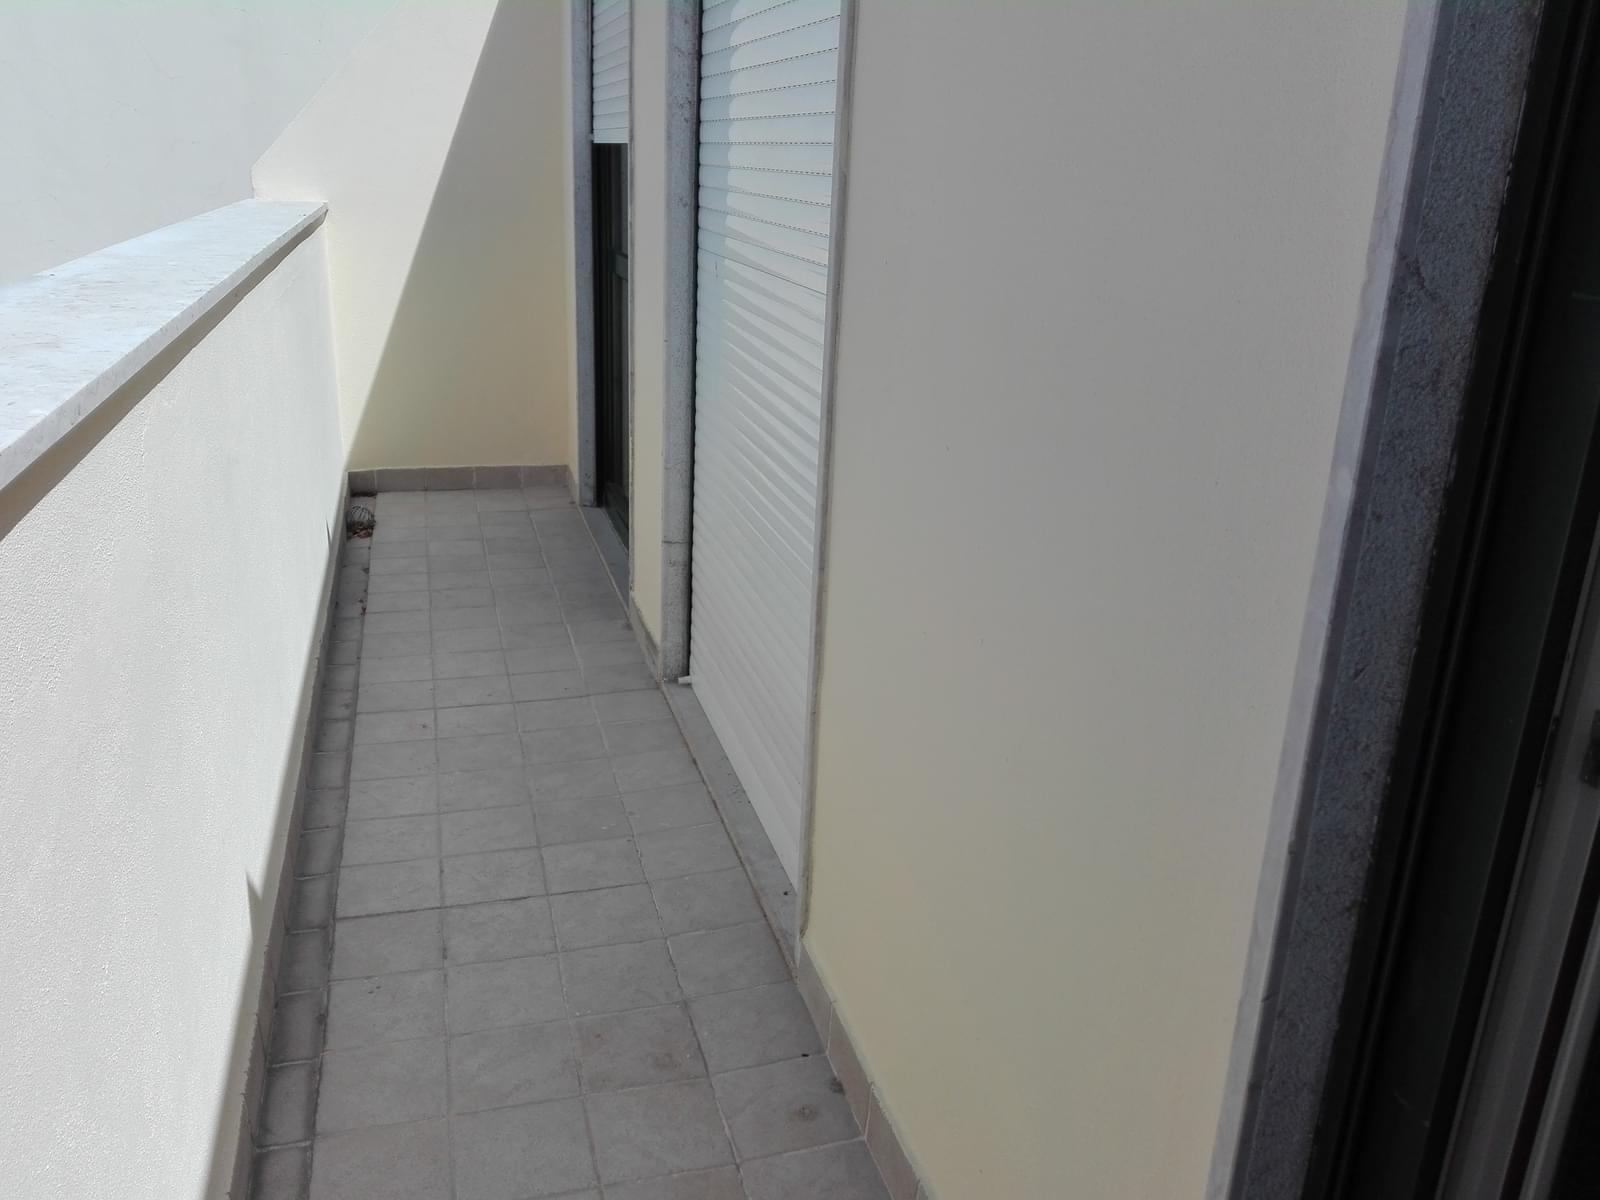 pf17908-apartamento-t1-lisboa-9b050d5c-d01d-4a3e-9431-5edb2f4a3430